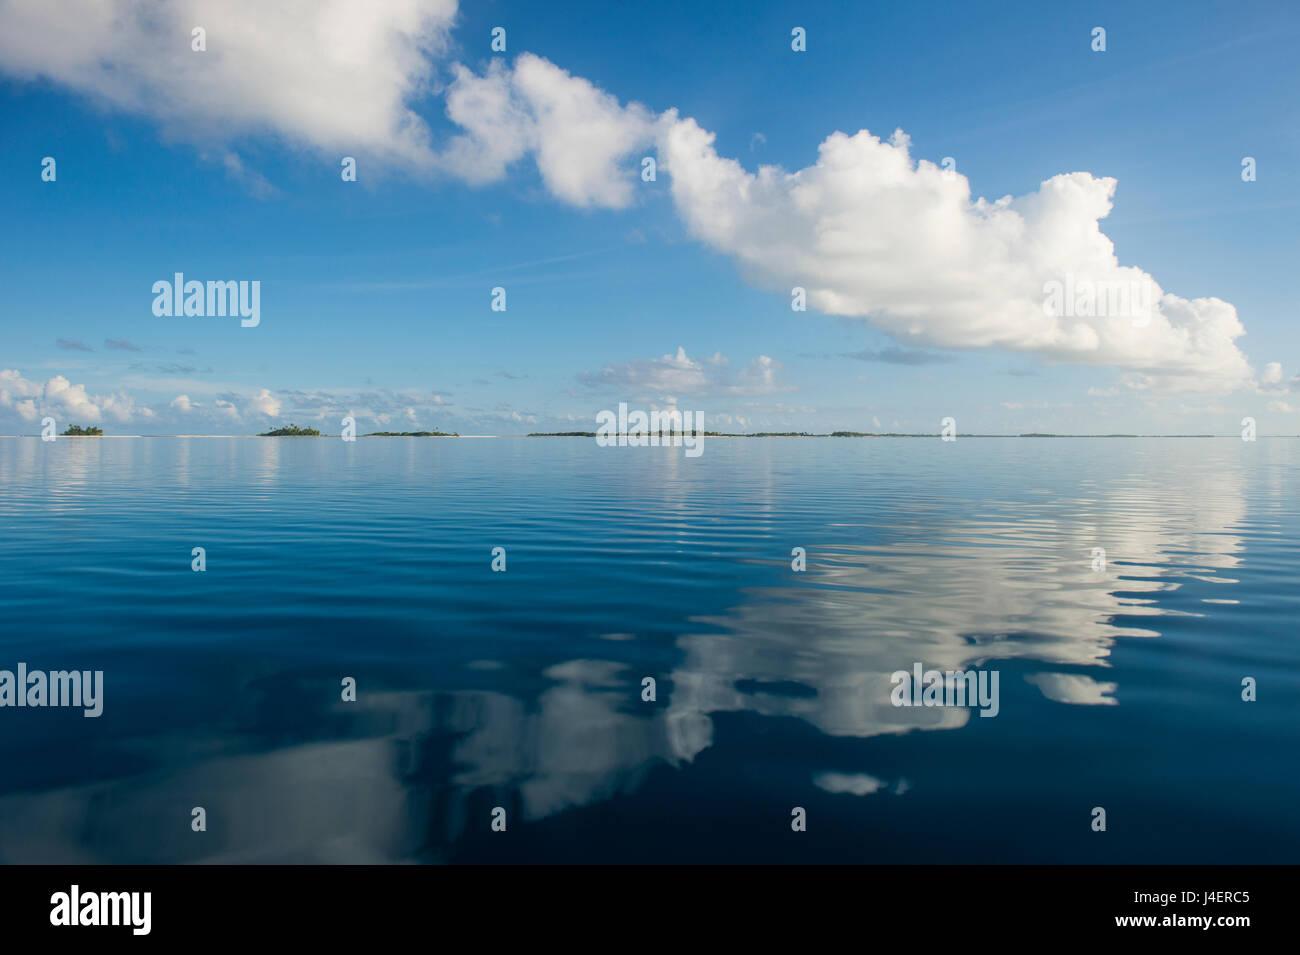 Wolken reflektieren in den ruhigen Gewässern der Tuamotus, Französisch-Polynesien, Tikehau, Pazifik Stockbild